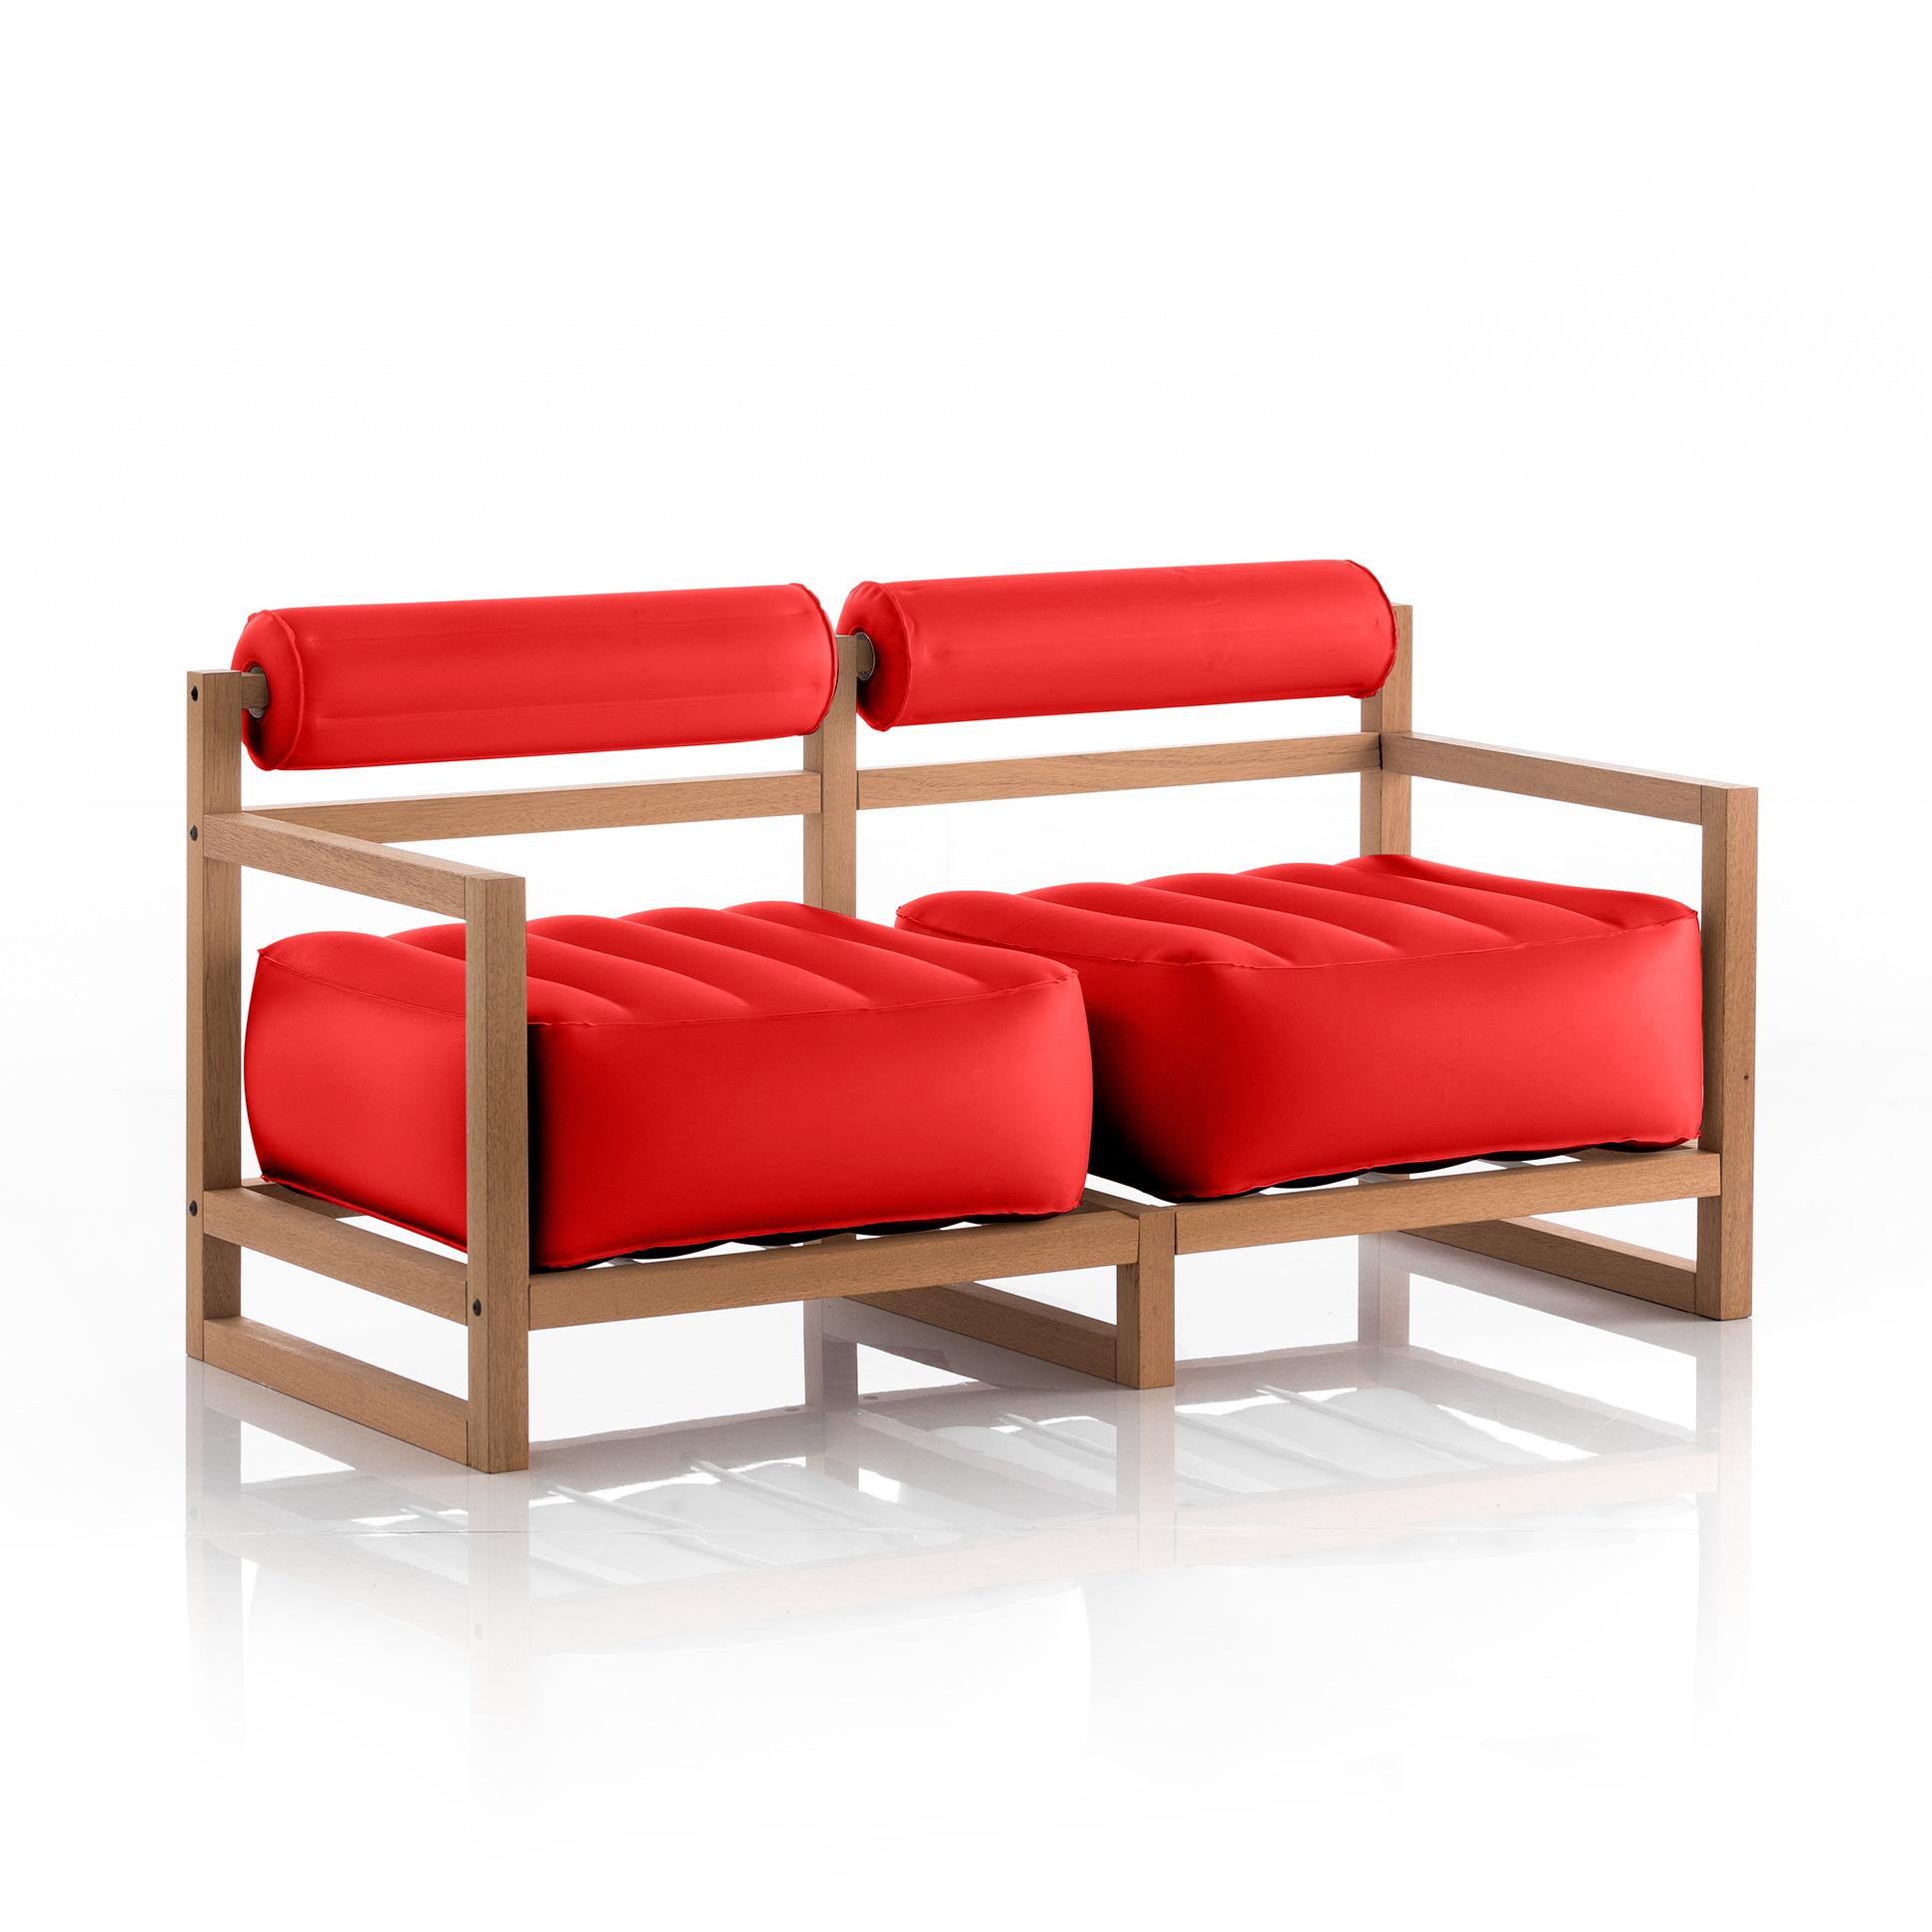 Canapé pvc 2 places rouge cadre en bois